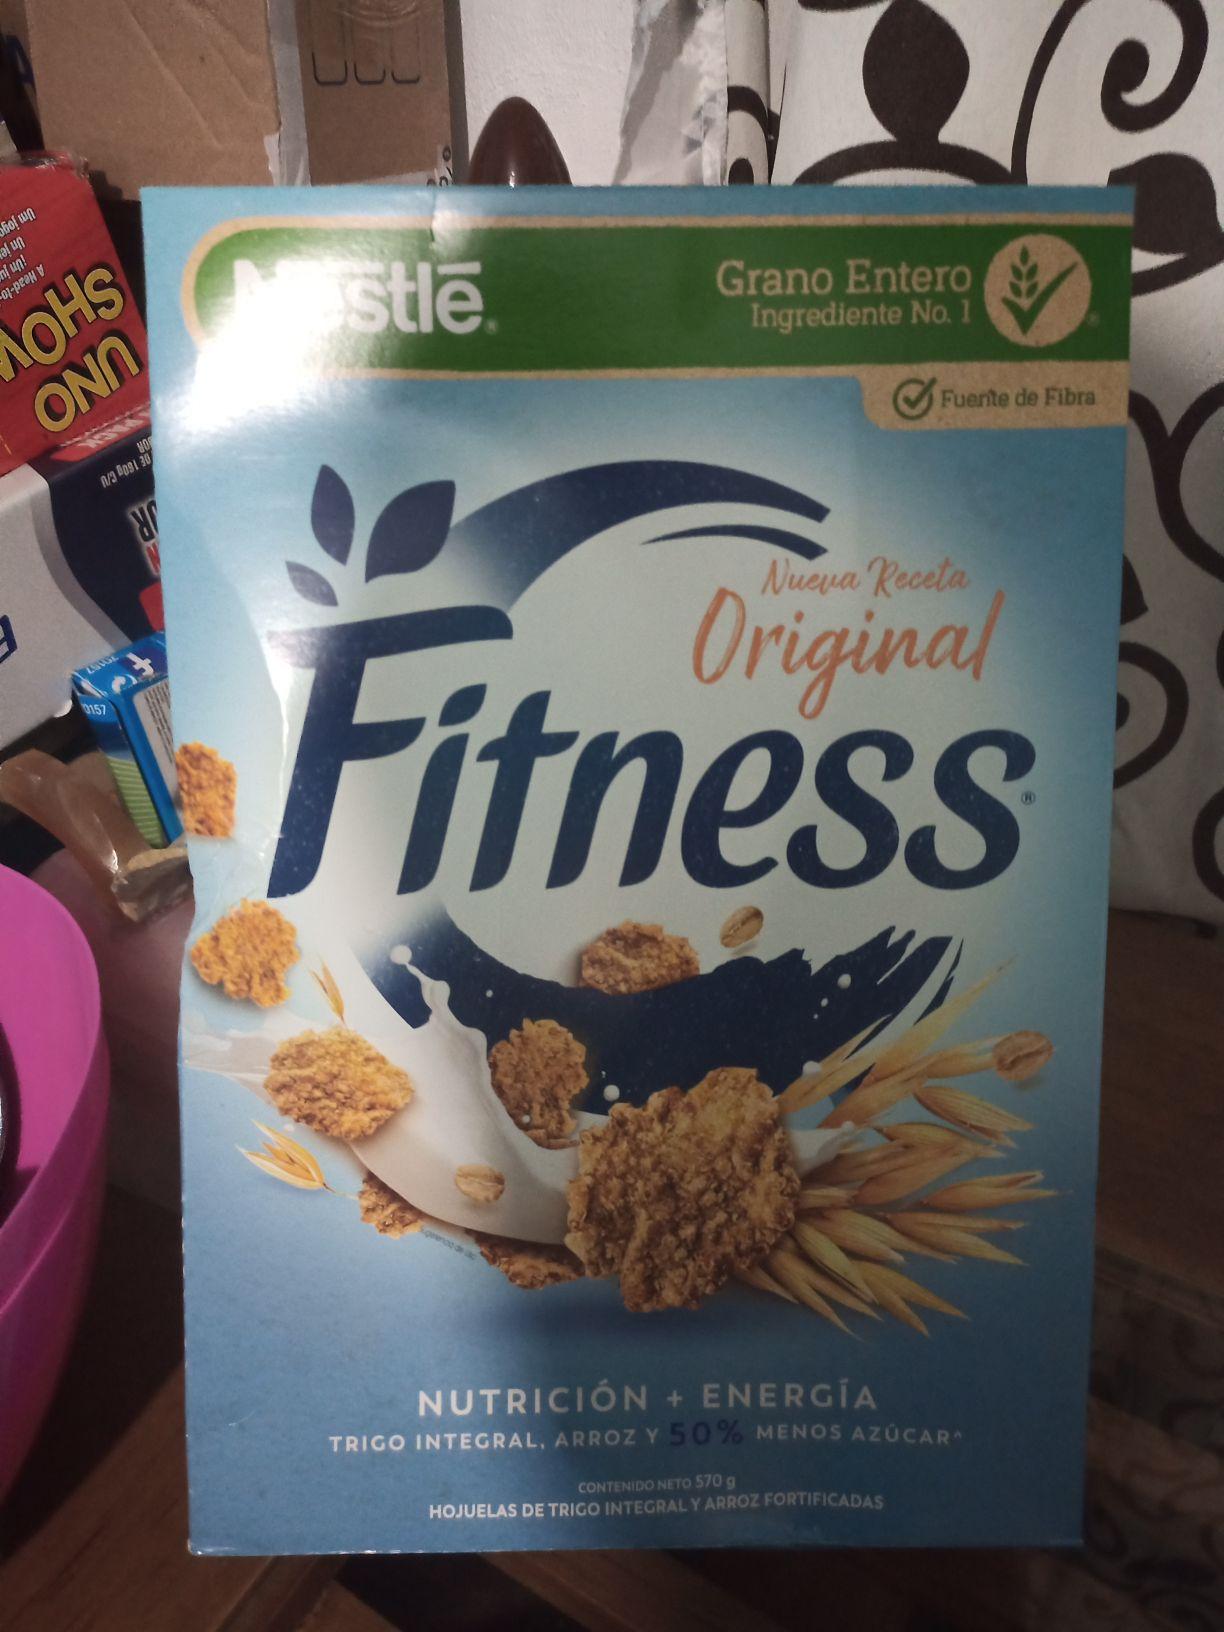 Chedraui: Cereal en 16.01 y más ofertas buenas